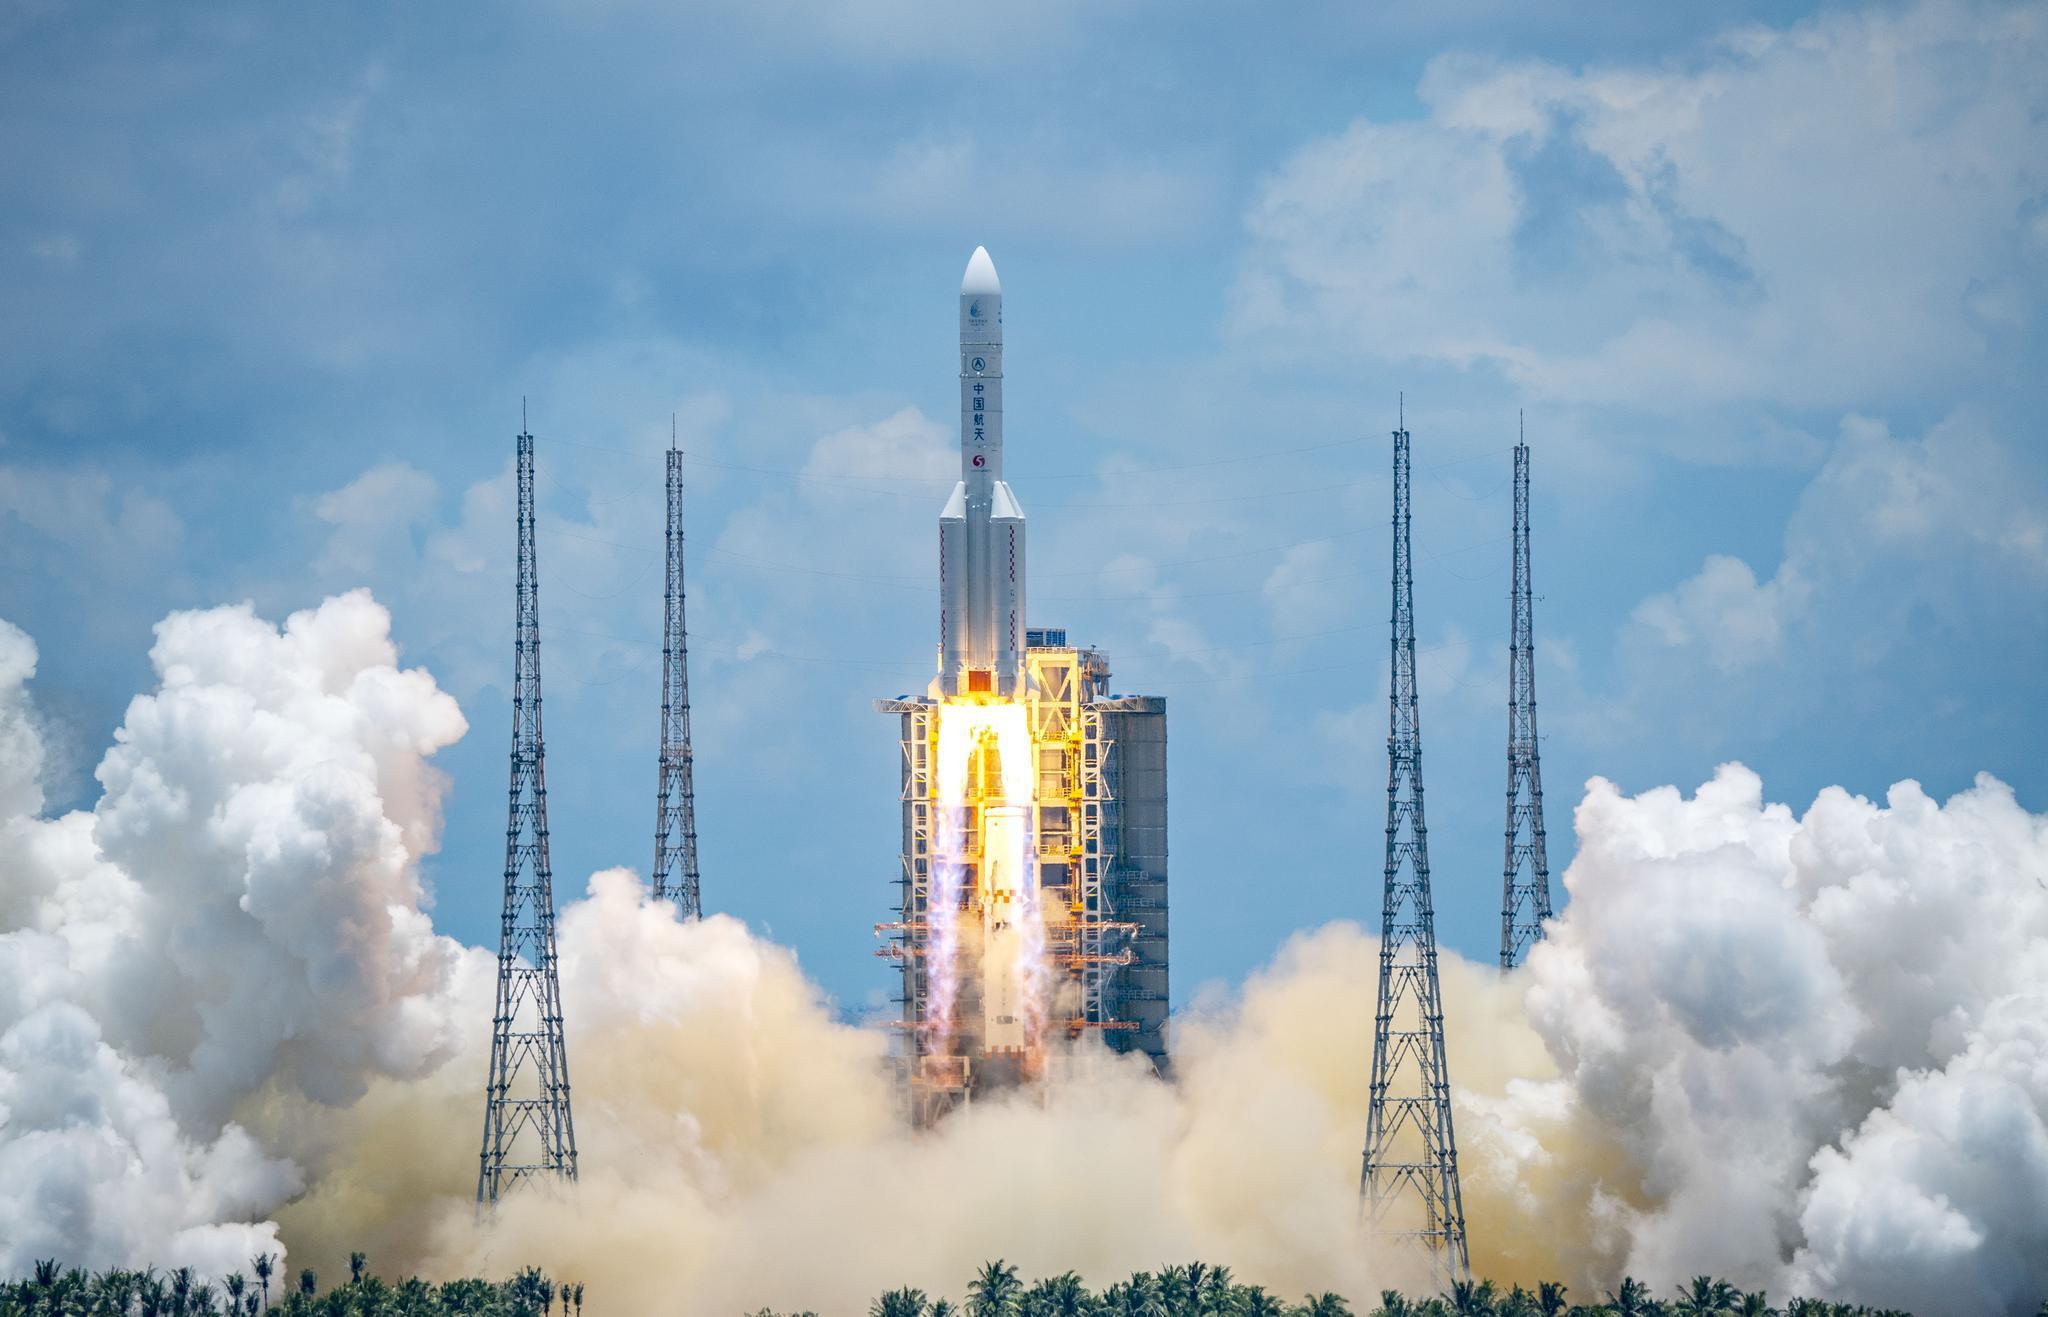 """2020年7月23日,长征五号遥四运载火箭将我国首次火星探测任务""""天问一号""""探测器成功发射升空并送入预定轨道。中国每年的氦气使用量超4300吨,其中就包括了用于泵送火箭燃料。图自新华社"""